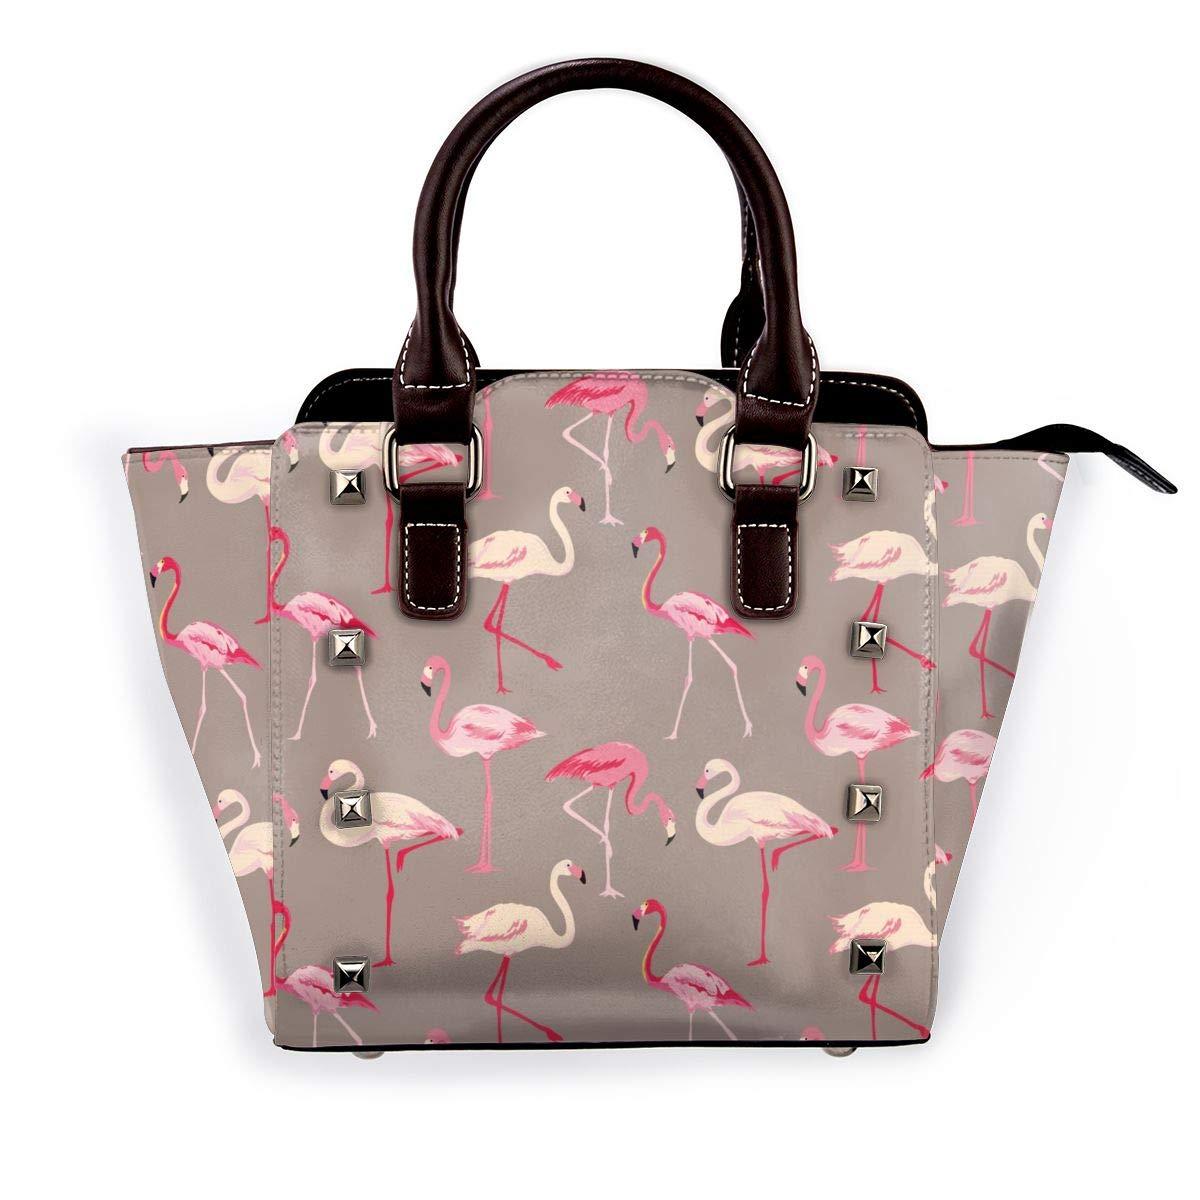 Cobra grammofonmönster kvinnor exklusivt mode utsökt elegant äkta läder nit axelväska Rosa Flamingo